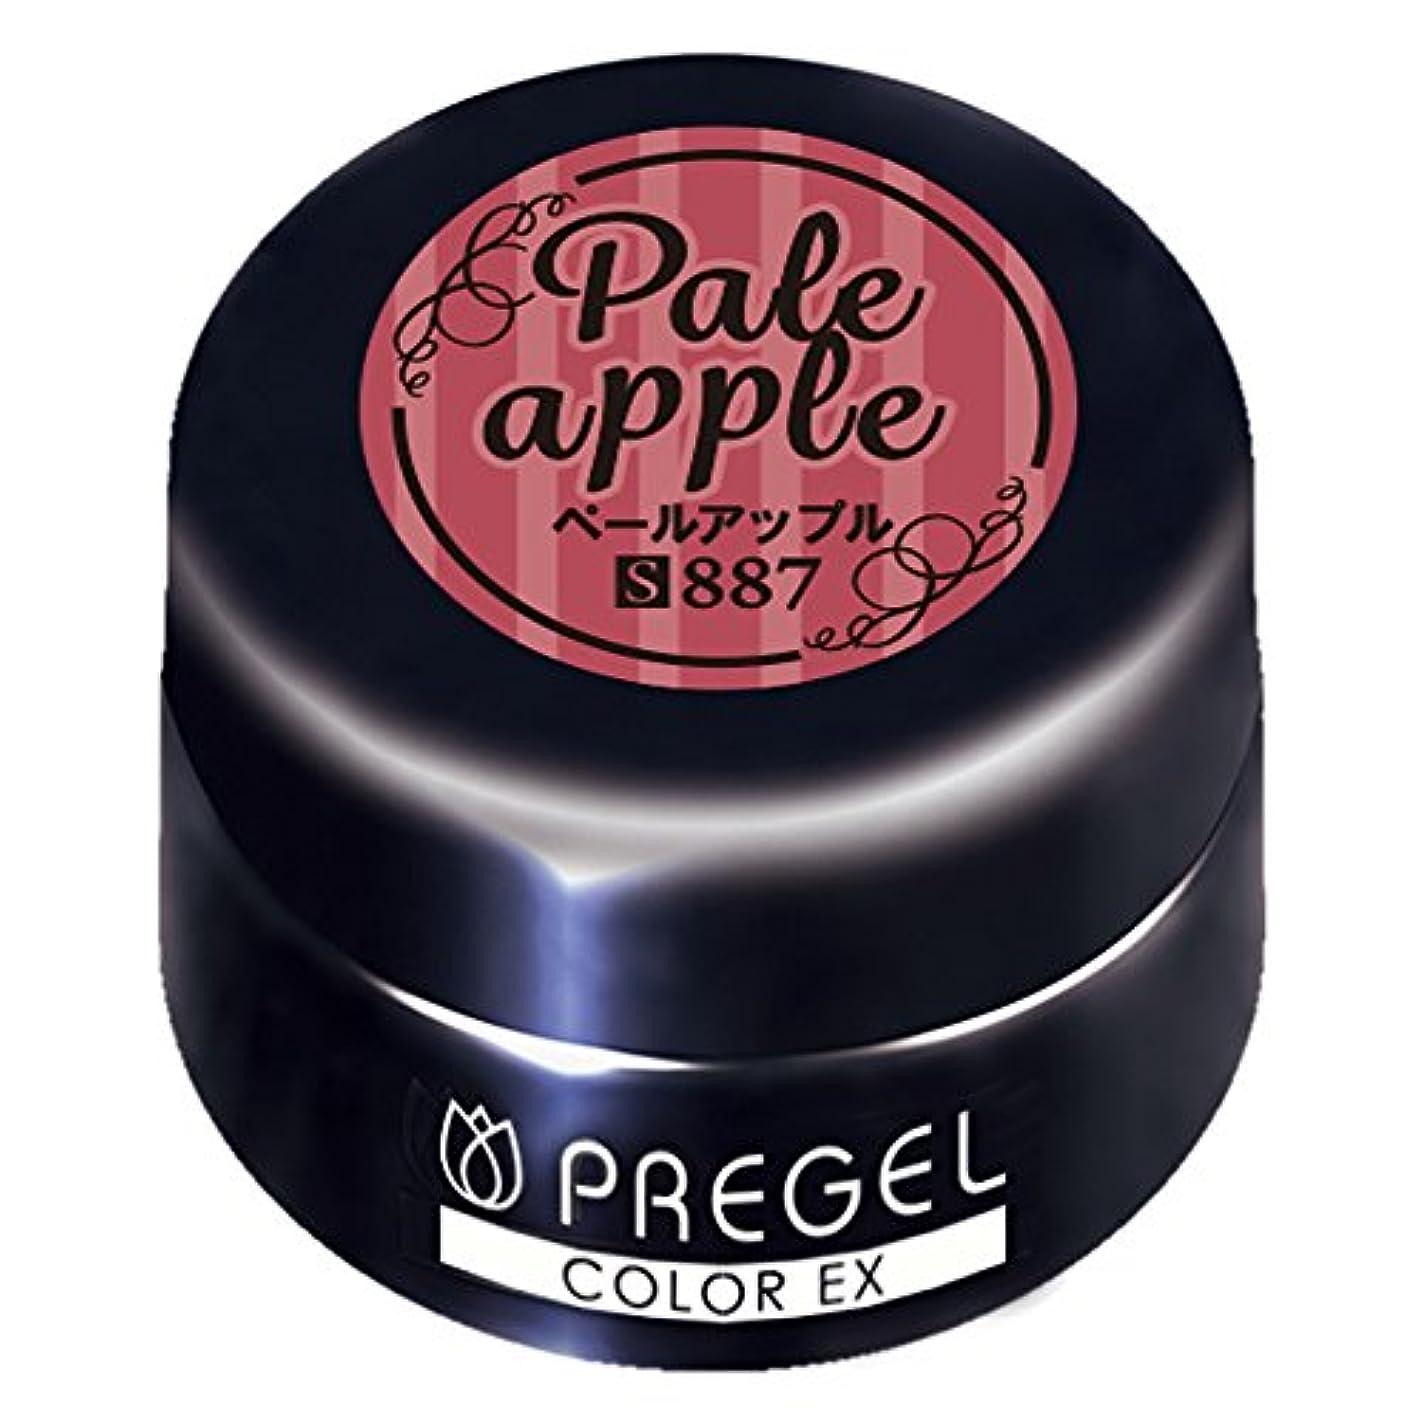 欠乏からに変化する遠いPRE GEL カラージェル カラーEX ペールアップル 3g PG-CE887 UV/LED対応タイオウ